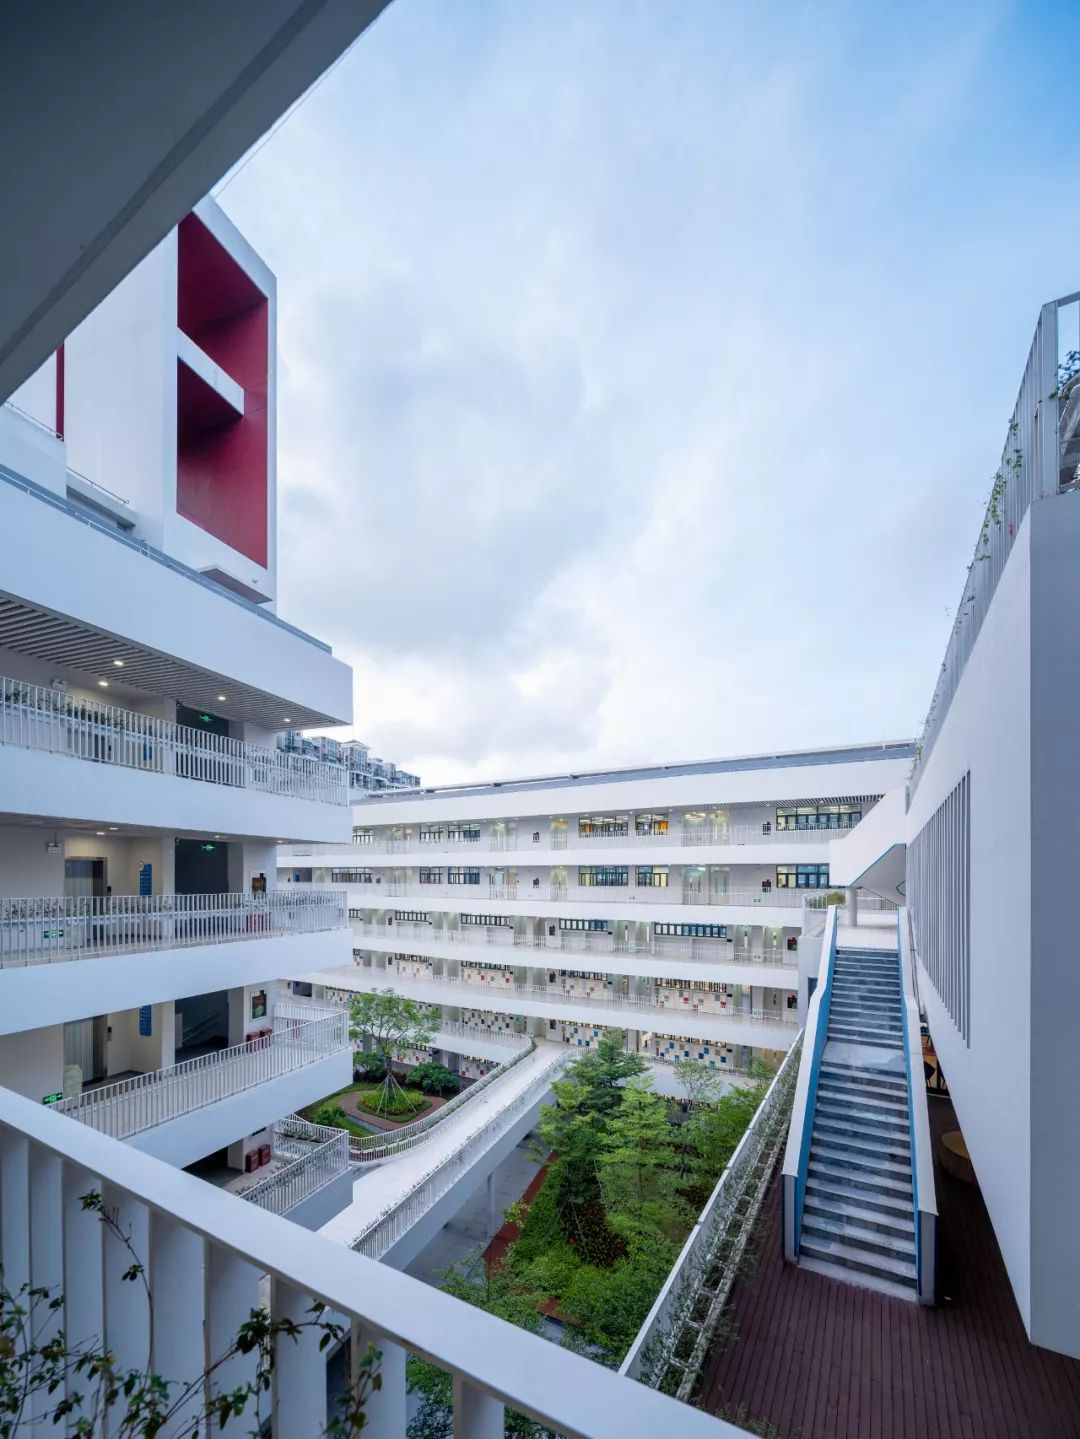 深圳前海三小建筑设计/深圳大学建筑设计研究院·元本体工作室